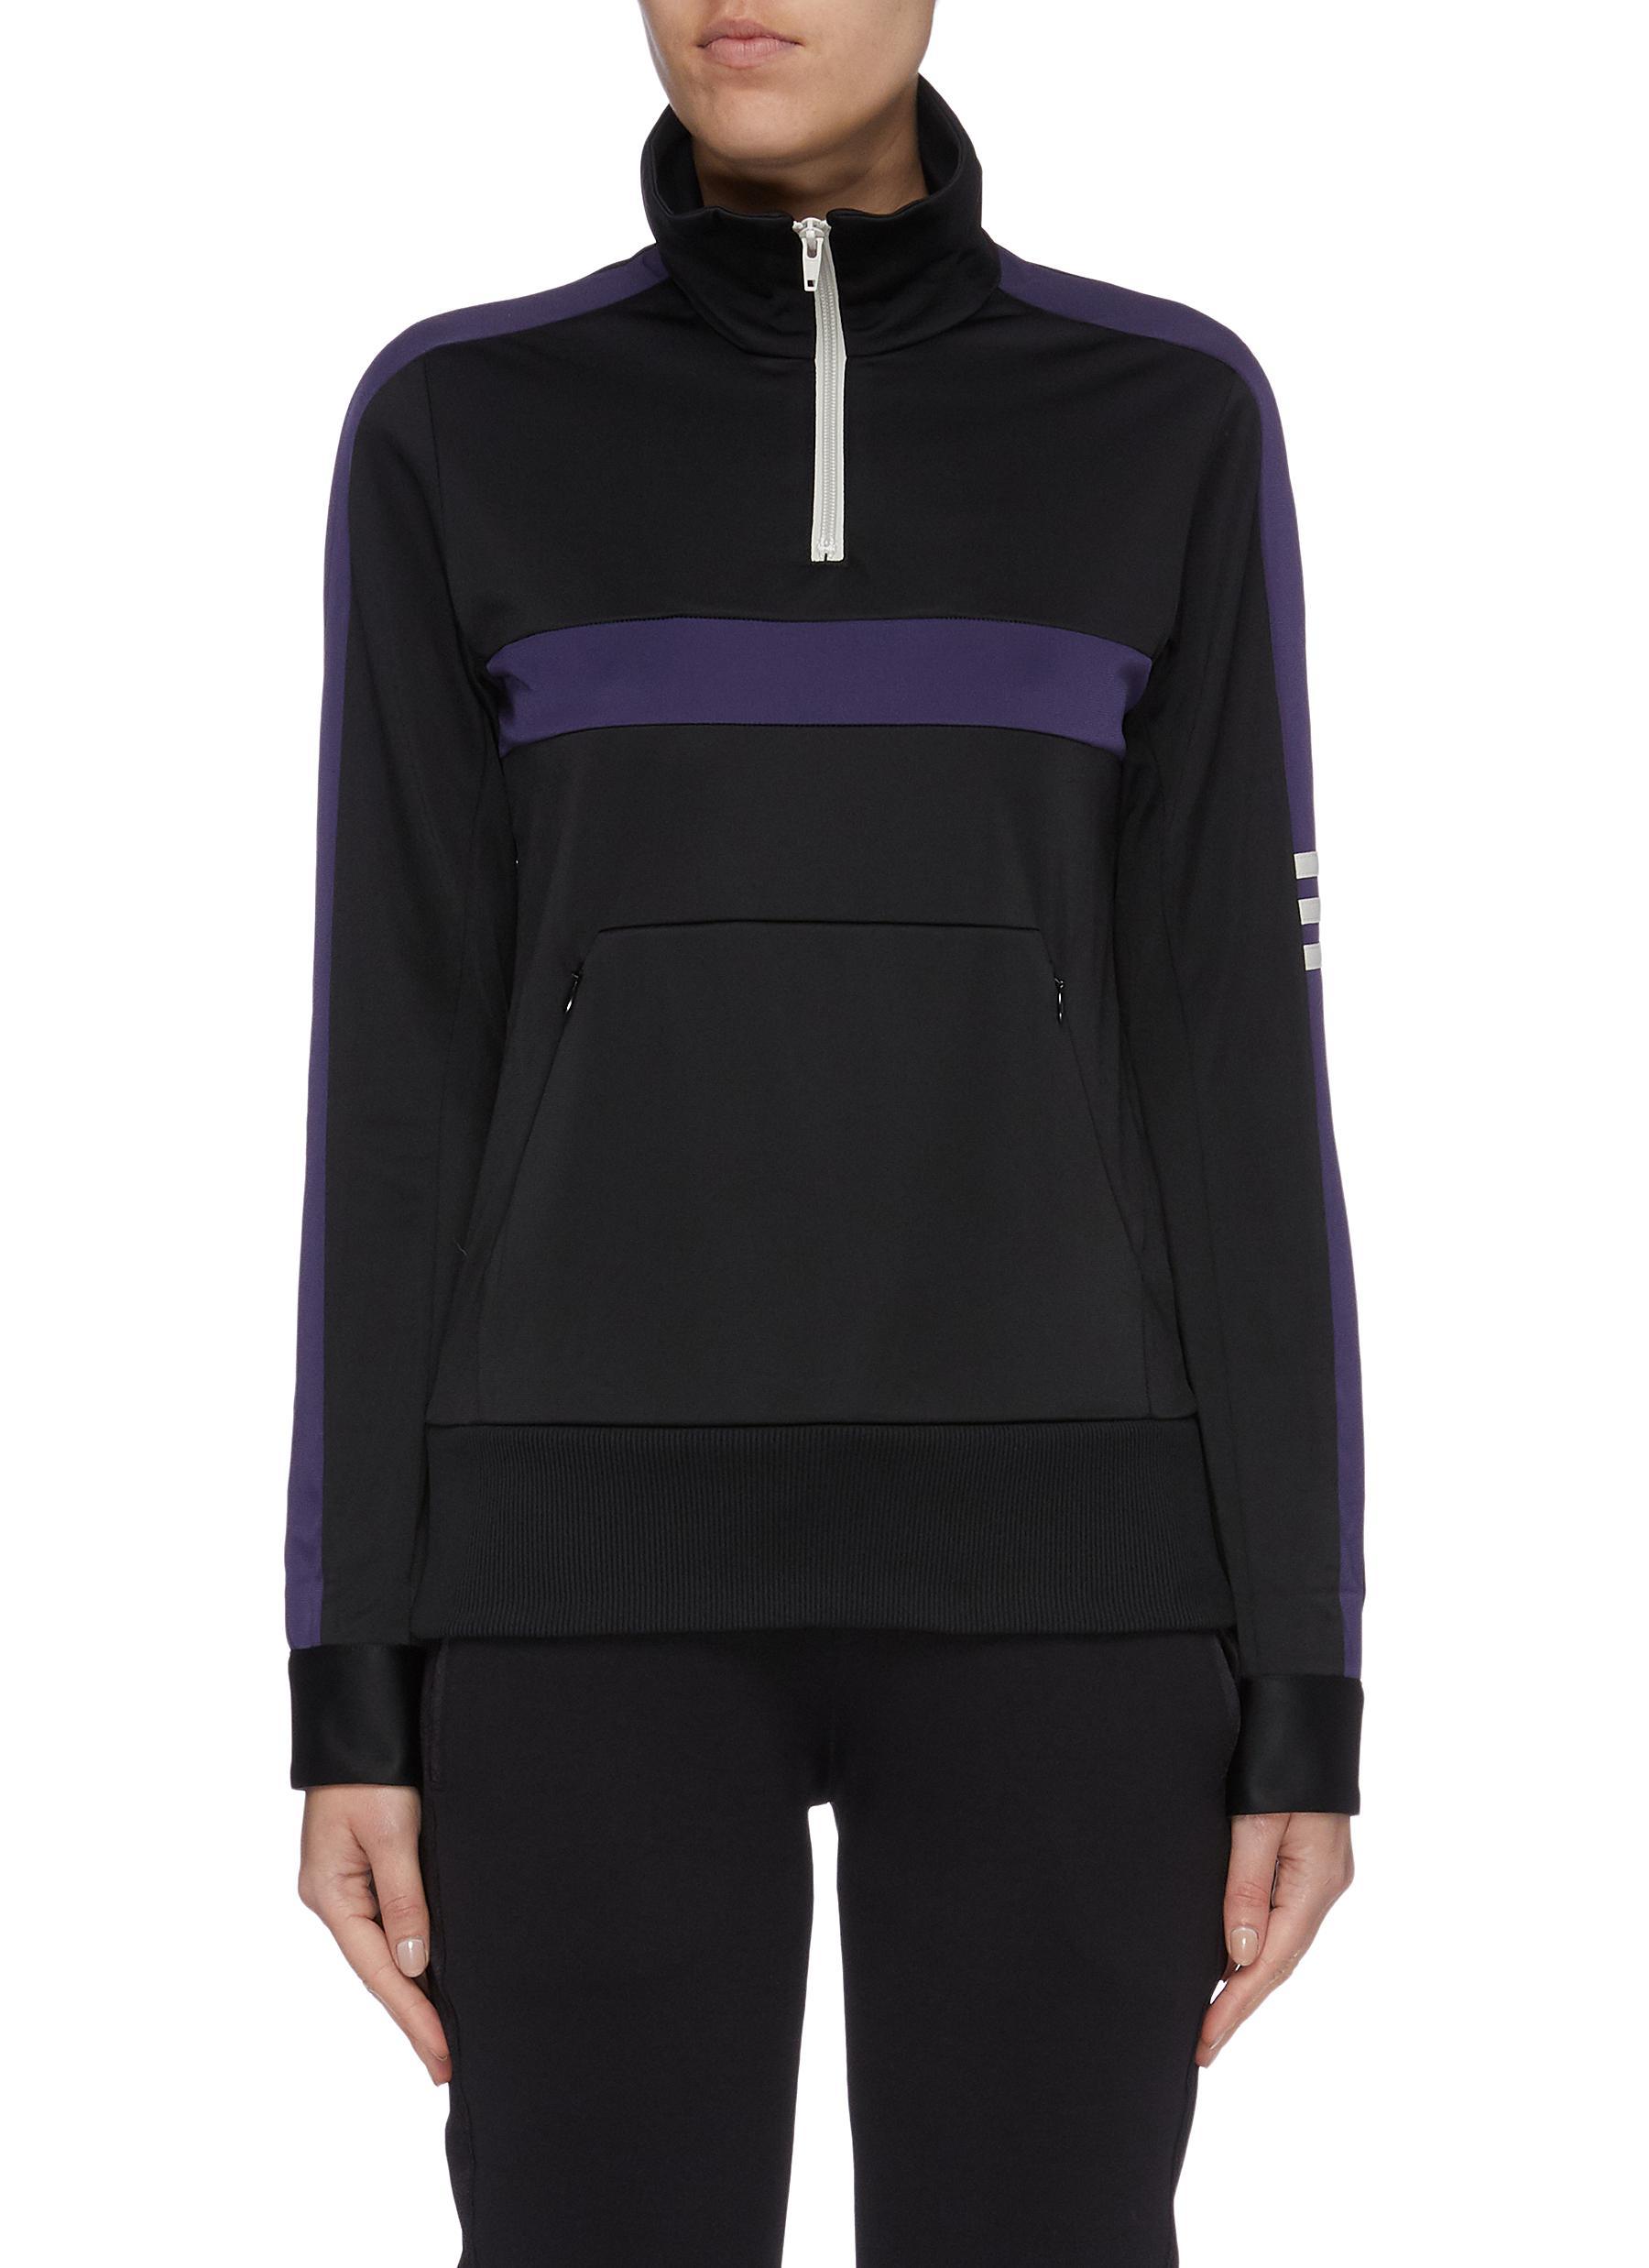 Stripe sleeve half-zip track jacket by Y-3